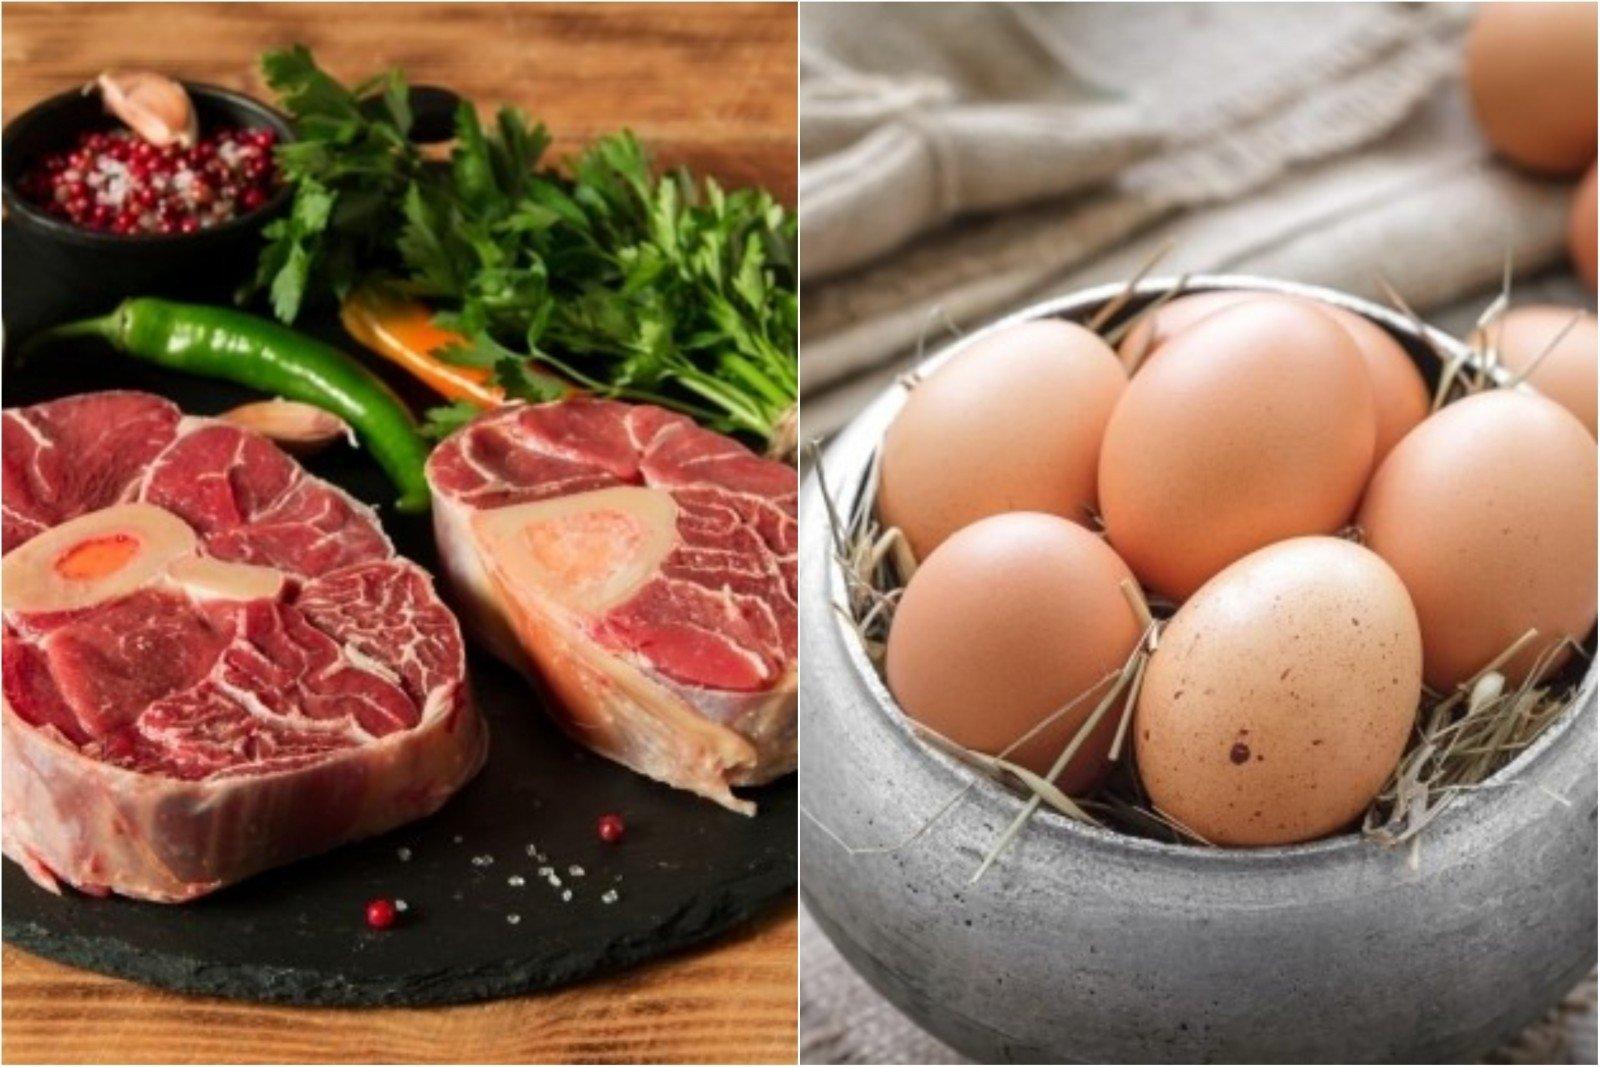 5 sveiki maisto produktai skatina širdies sveikatą pelkės kadio hipertenzija